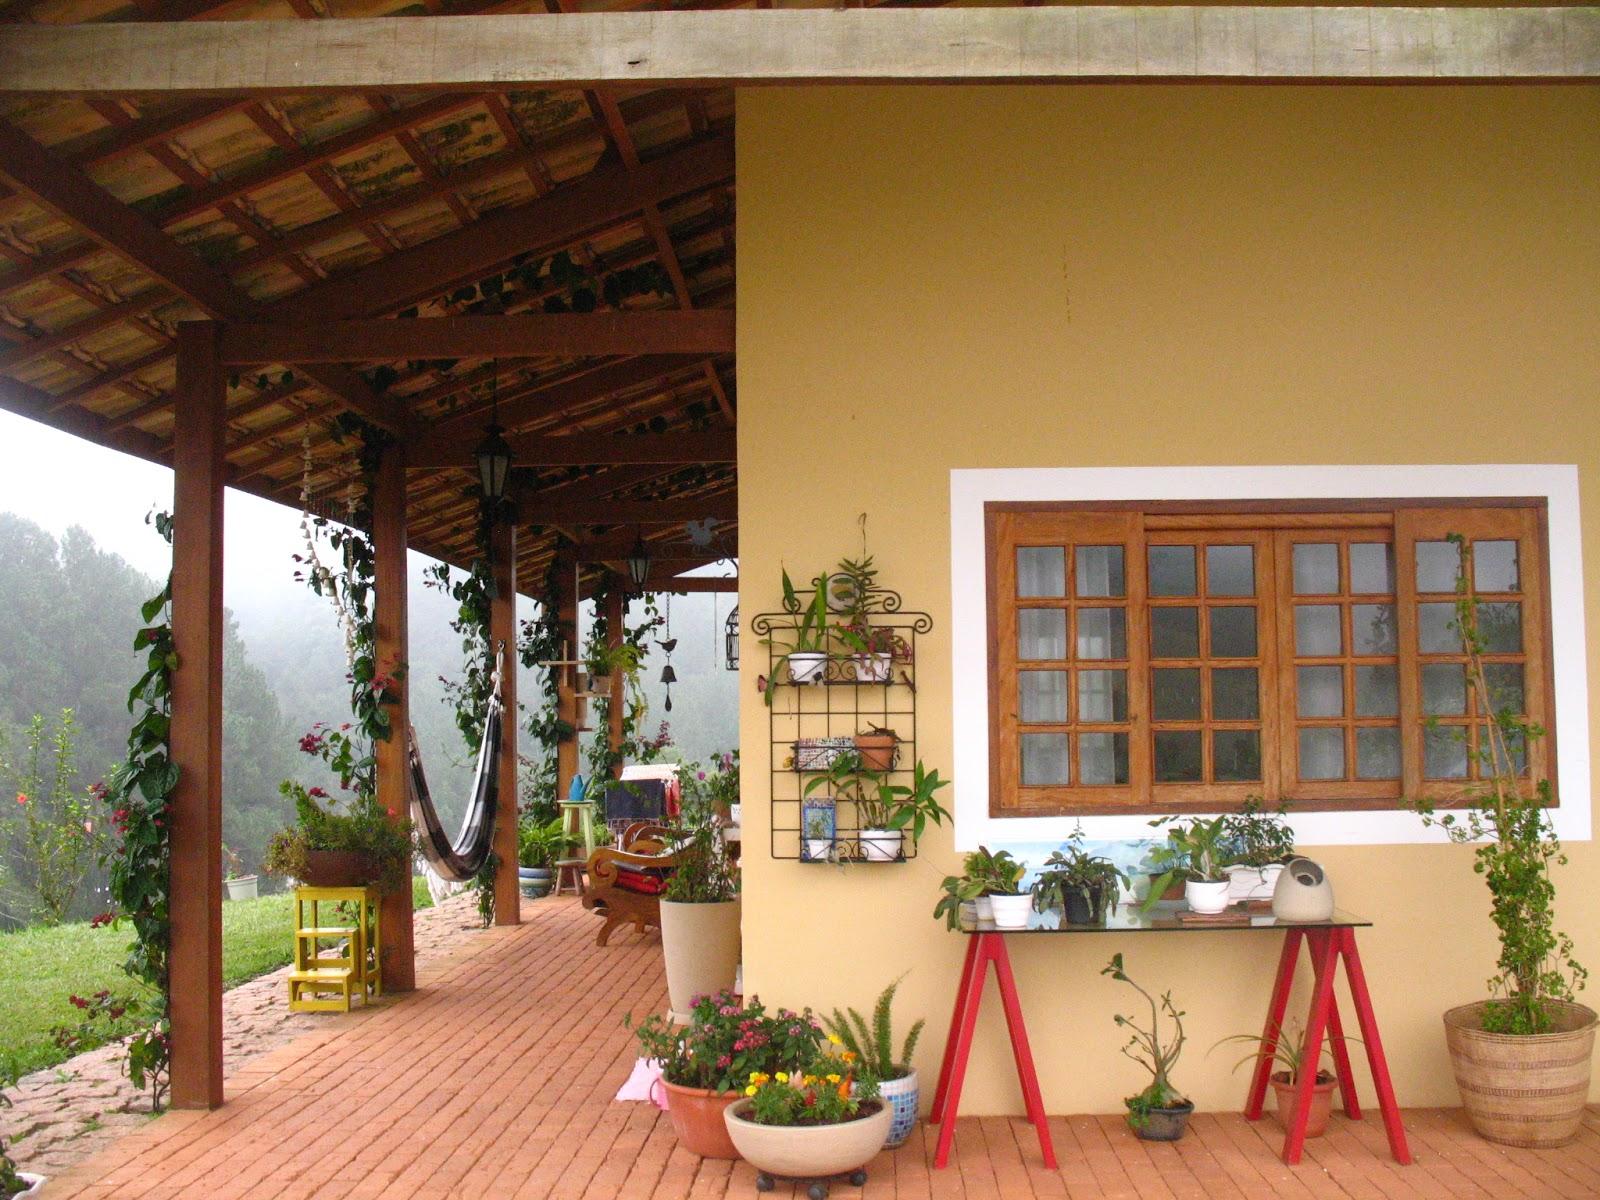 Tecelinha como atrair passarinhos para seu jardim for Decoraciones internas